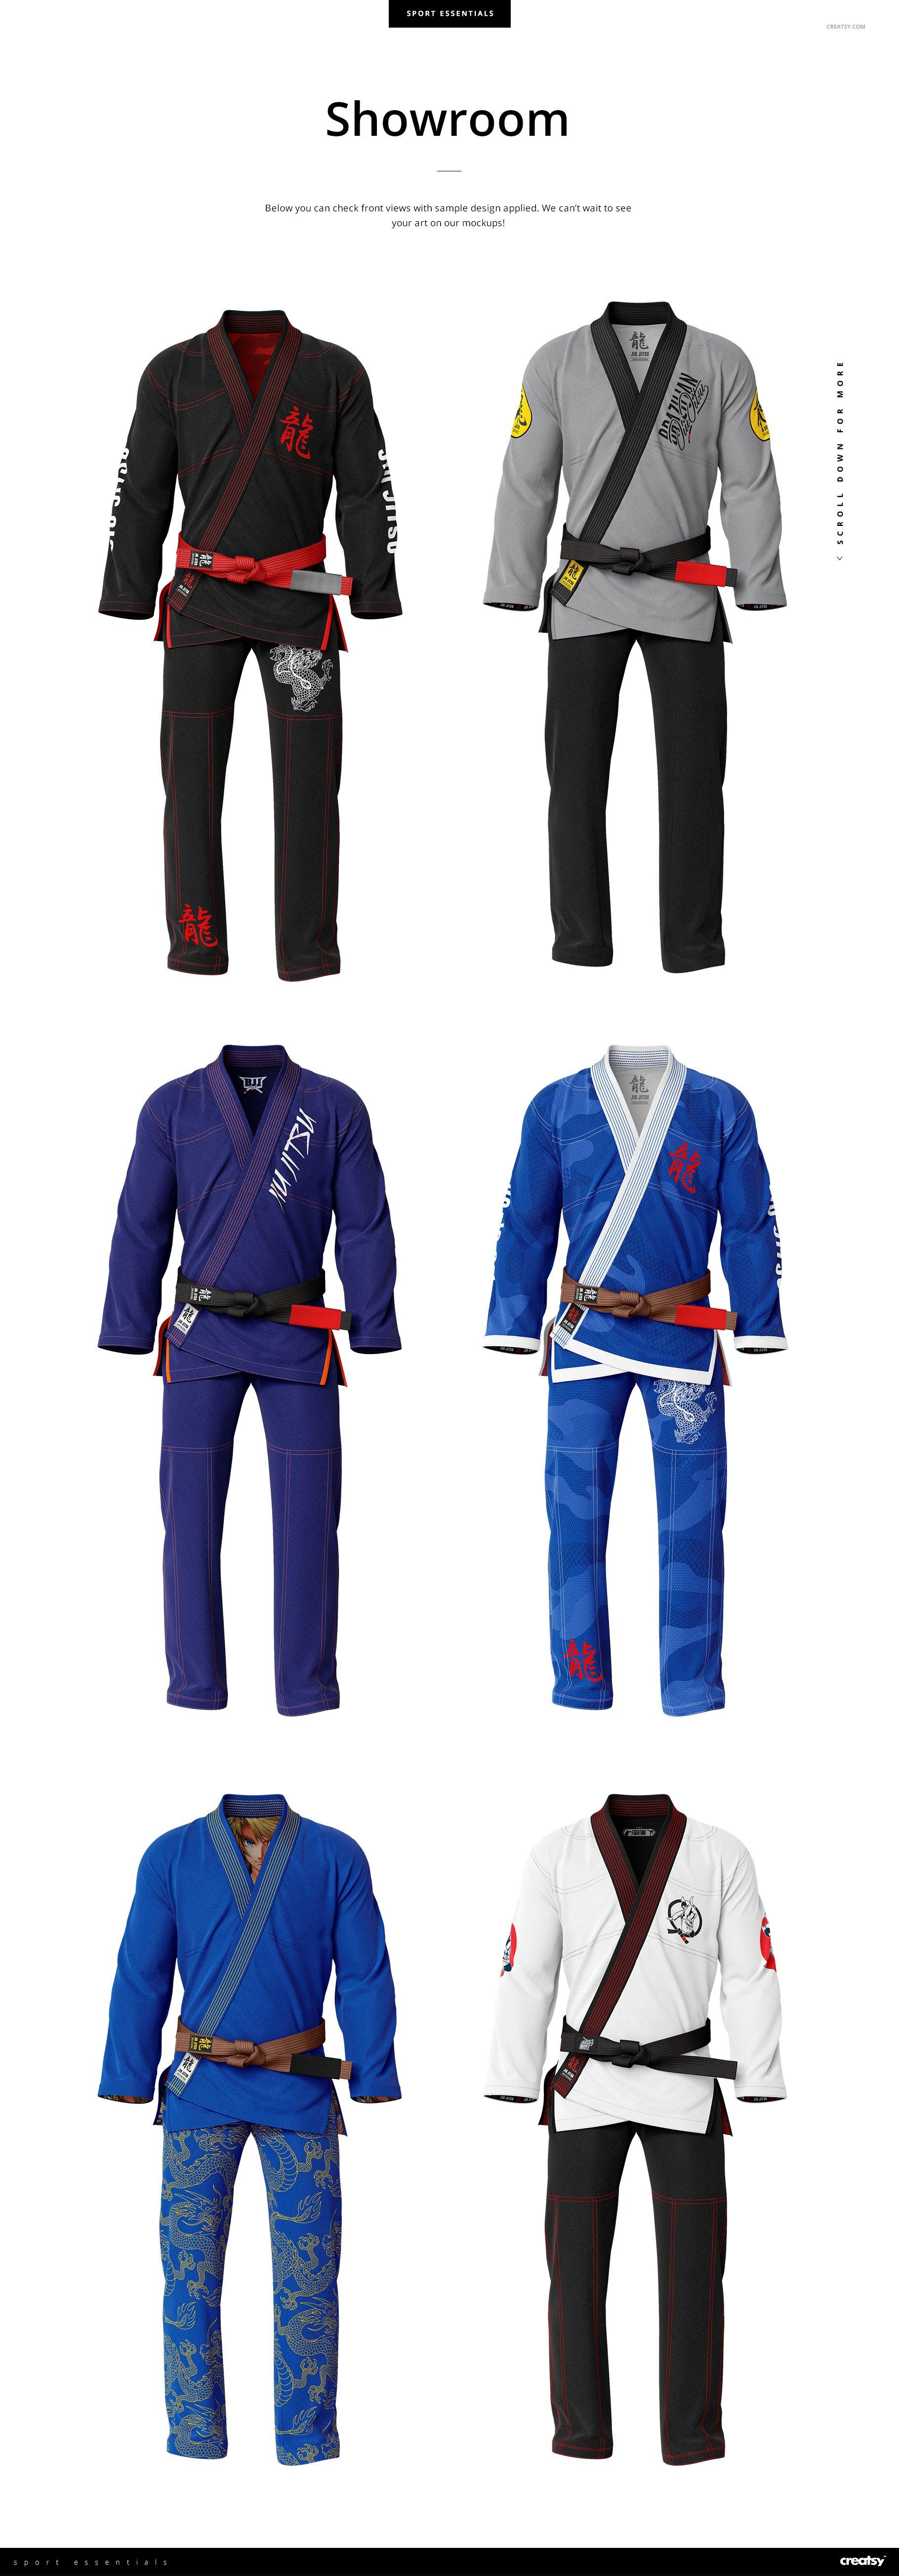 8个高品质跆拳道柔术制服印花图案设计PS智能贴图样机素材 Brazilian Jiu Jitsu GI Mockup插图5